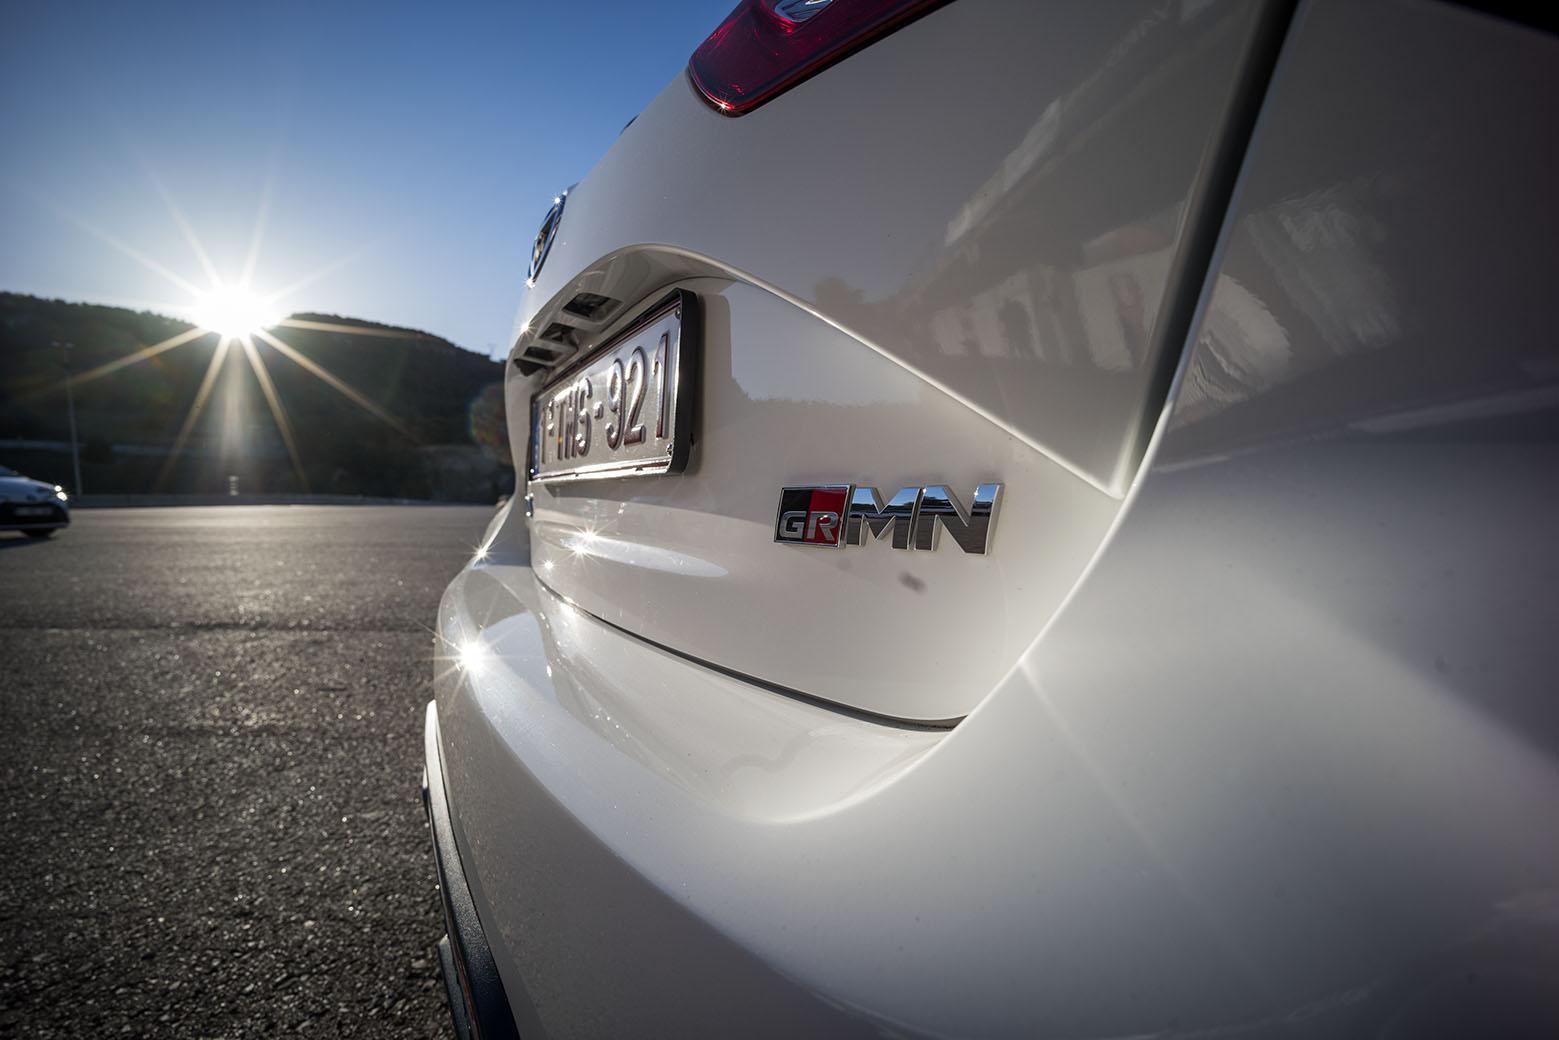 Visst kan man ha kul på landsväg med, men varför ens utsätta sig själv och andra för risken. Toyota Yaris GRMN behöver en racerbana för att sträcka ut.